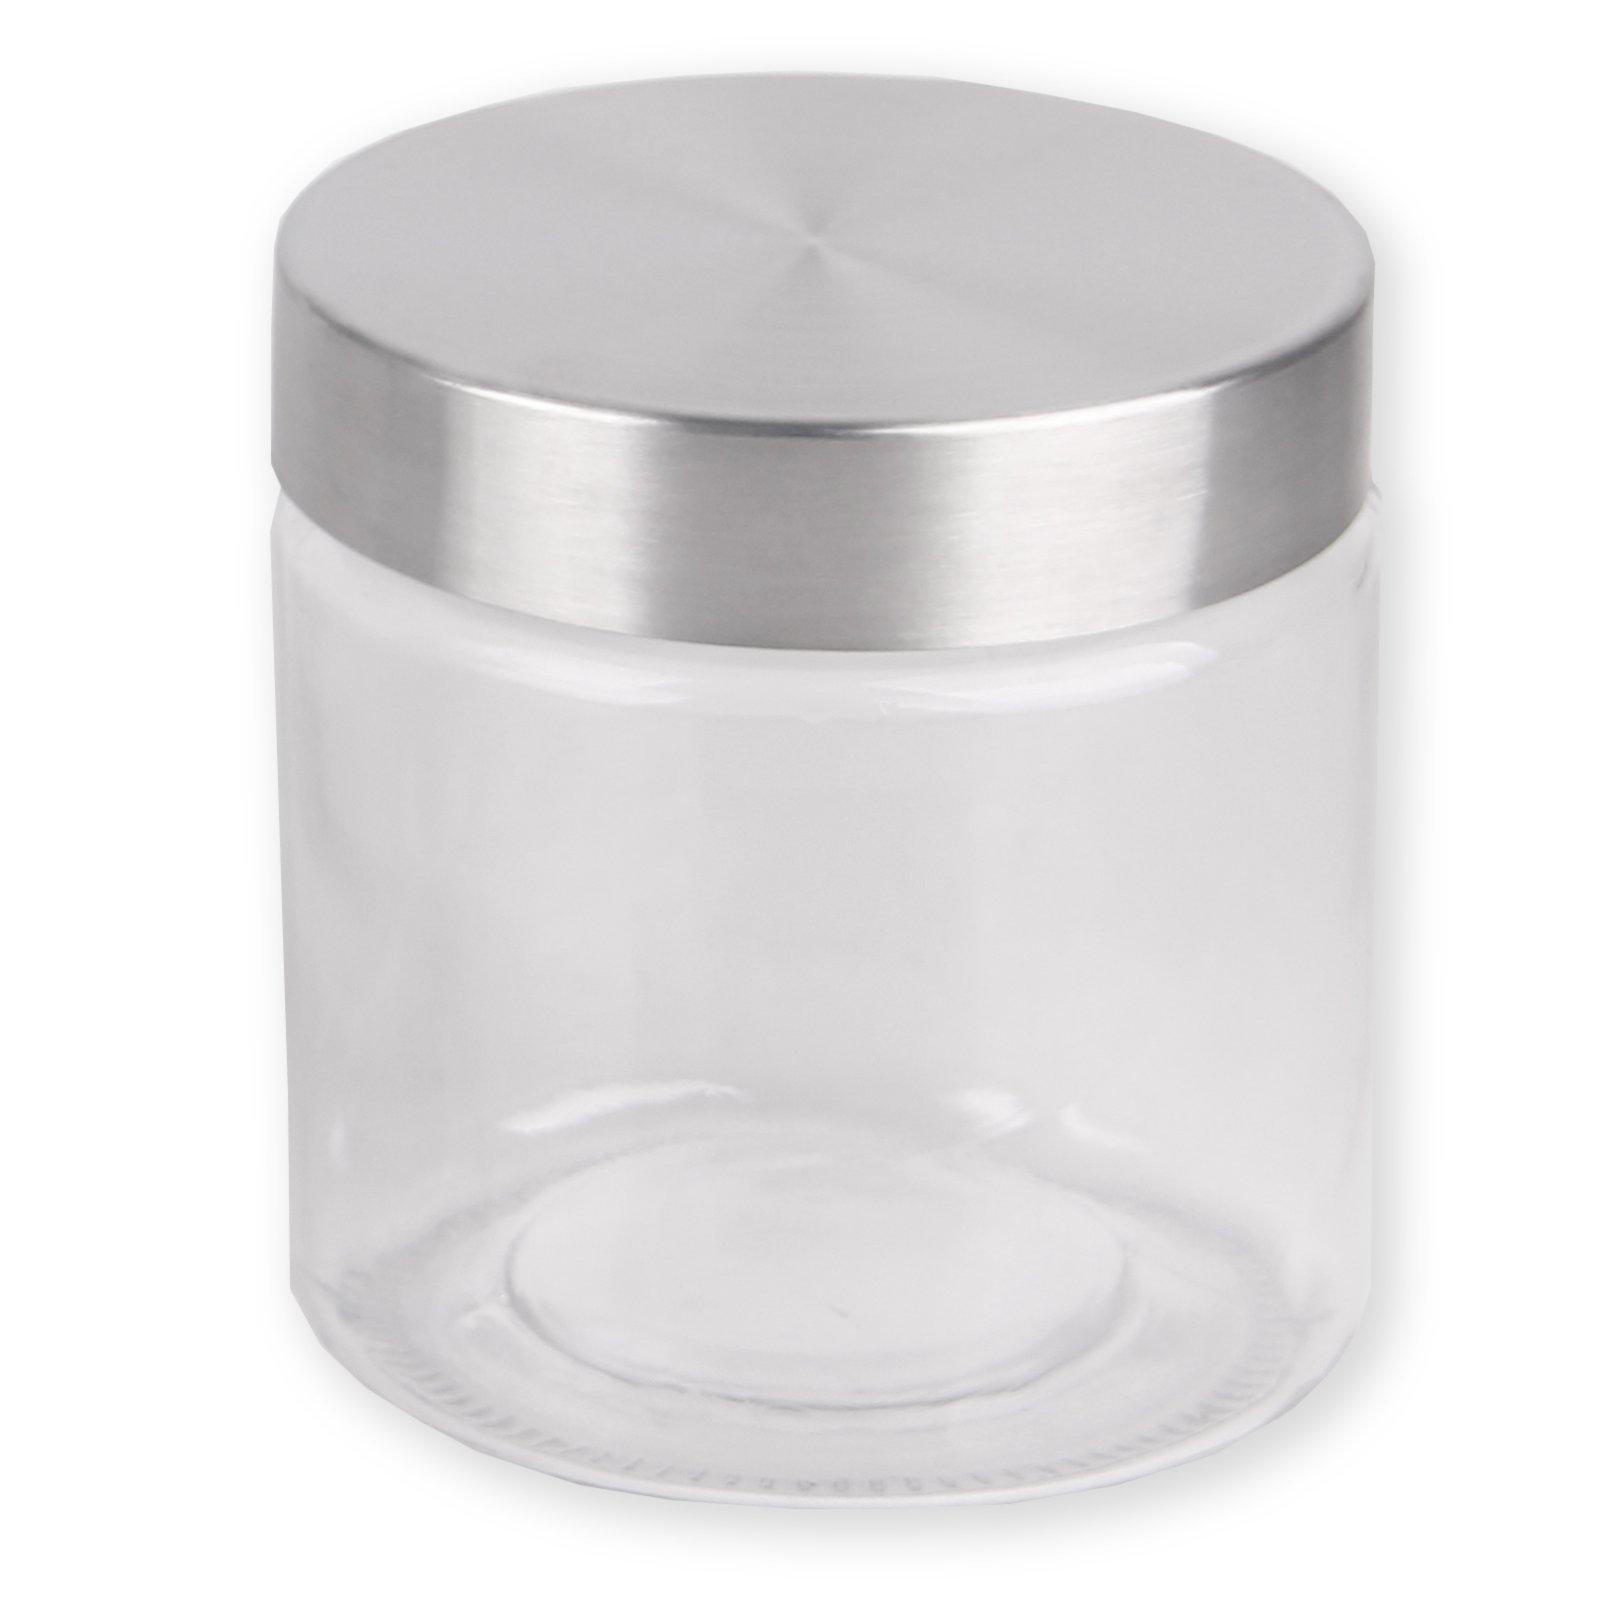 Vorratsglas - mit Edelstahldeckel - 830 ml